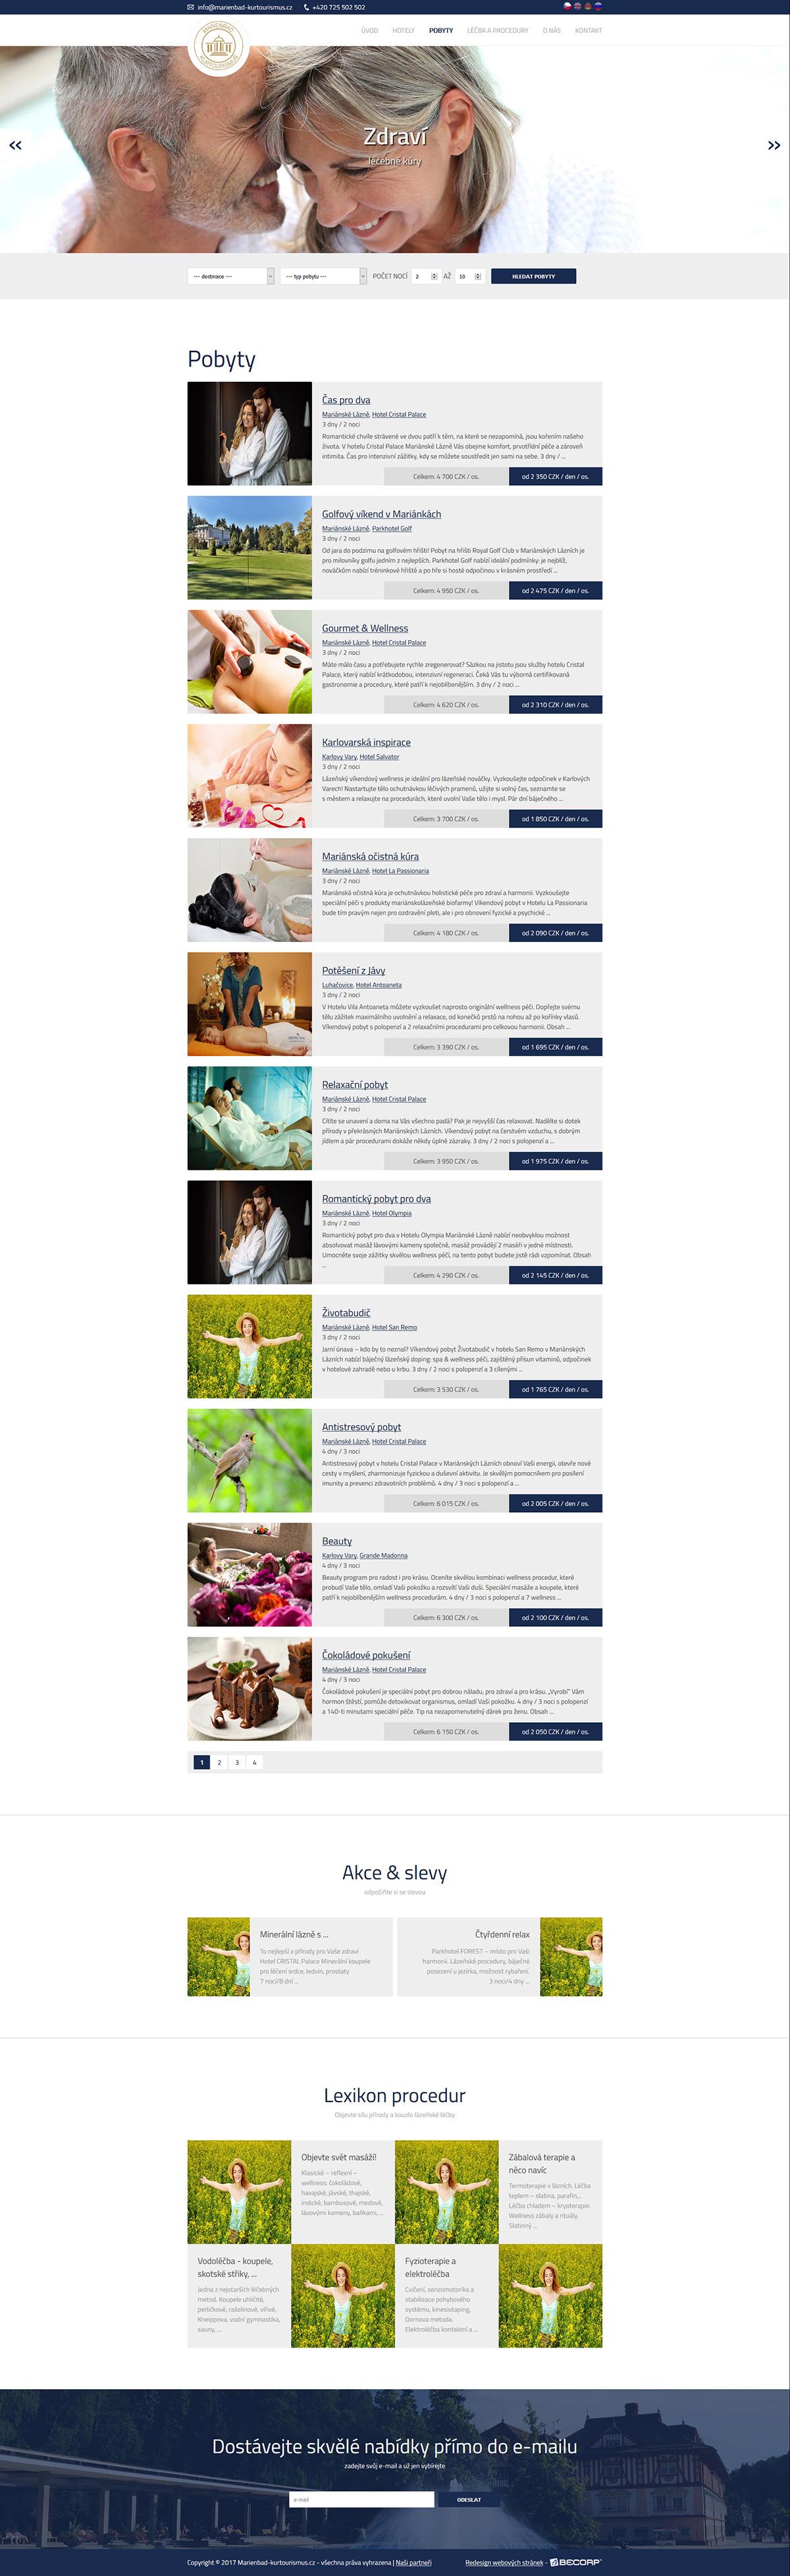 Moderní responzivní web nabízející lázeňské služby a pobyty